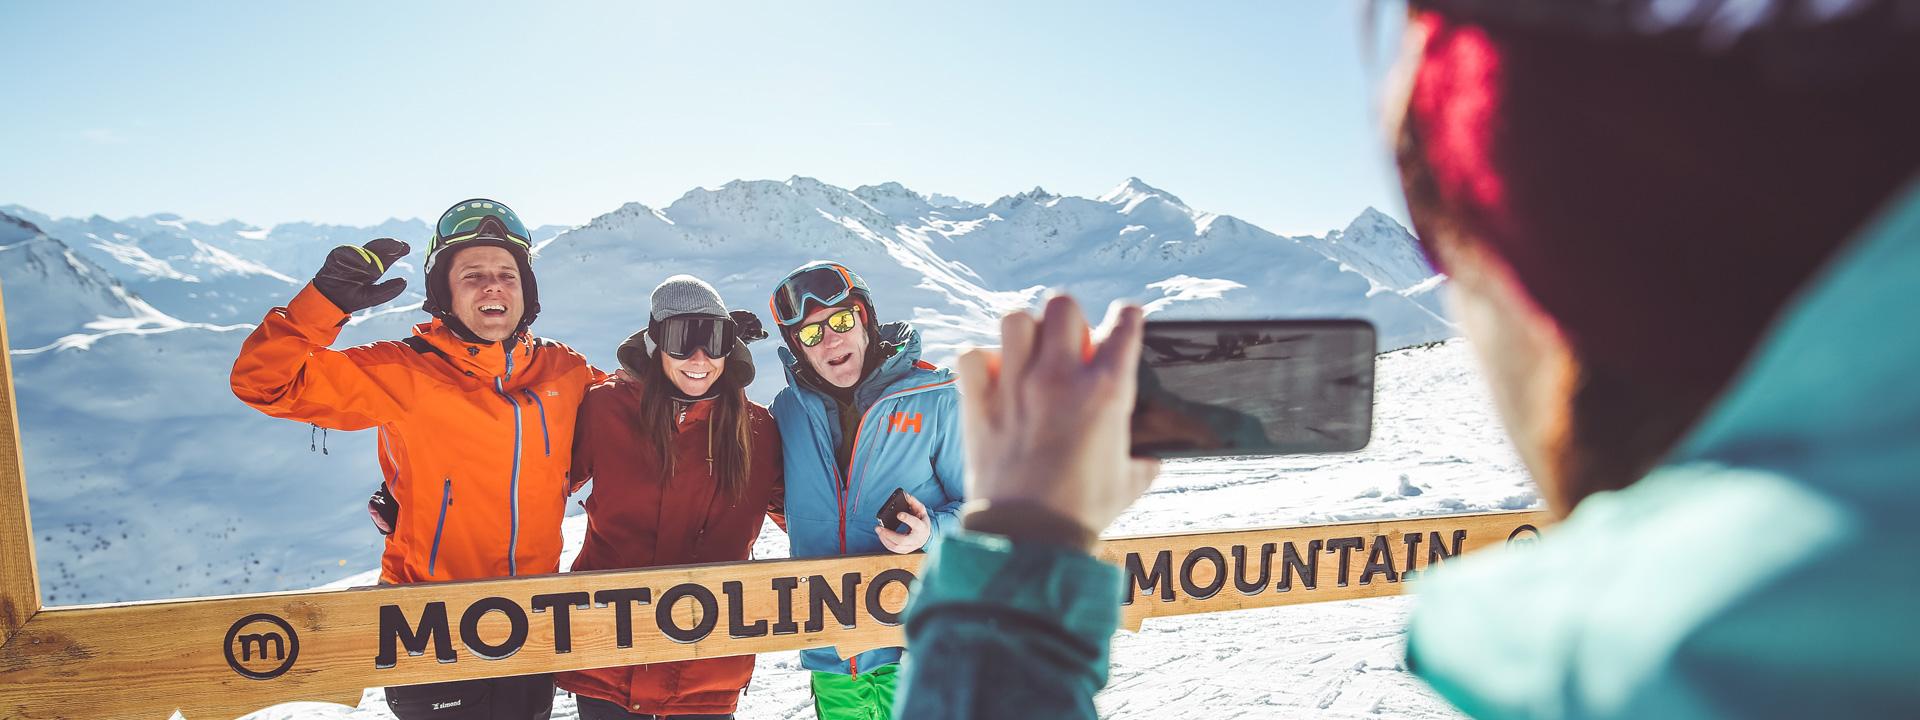 Gruppo di amici che si fanno una foto in cima alla ski area Mottolino a Livigno